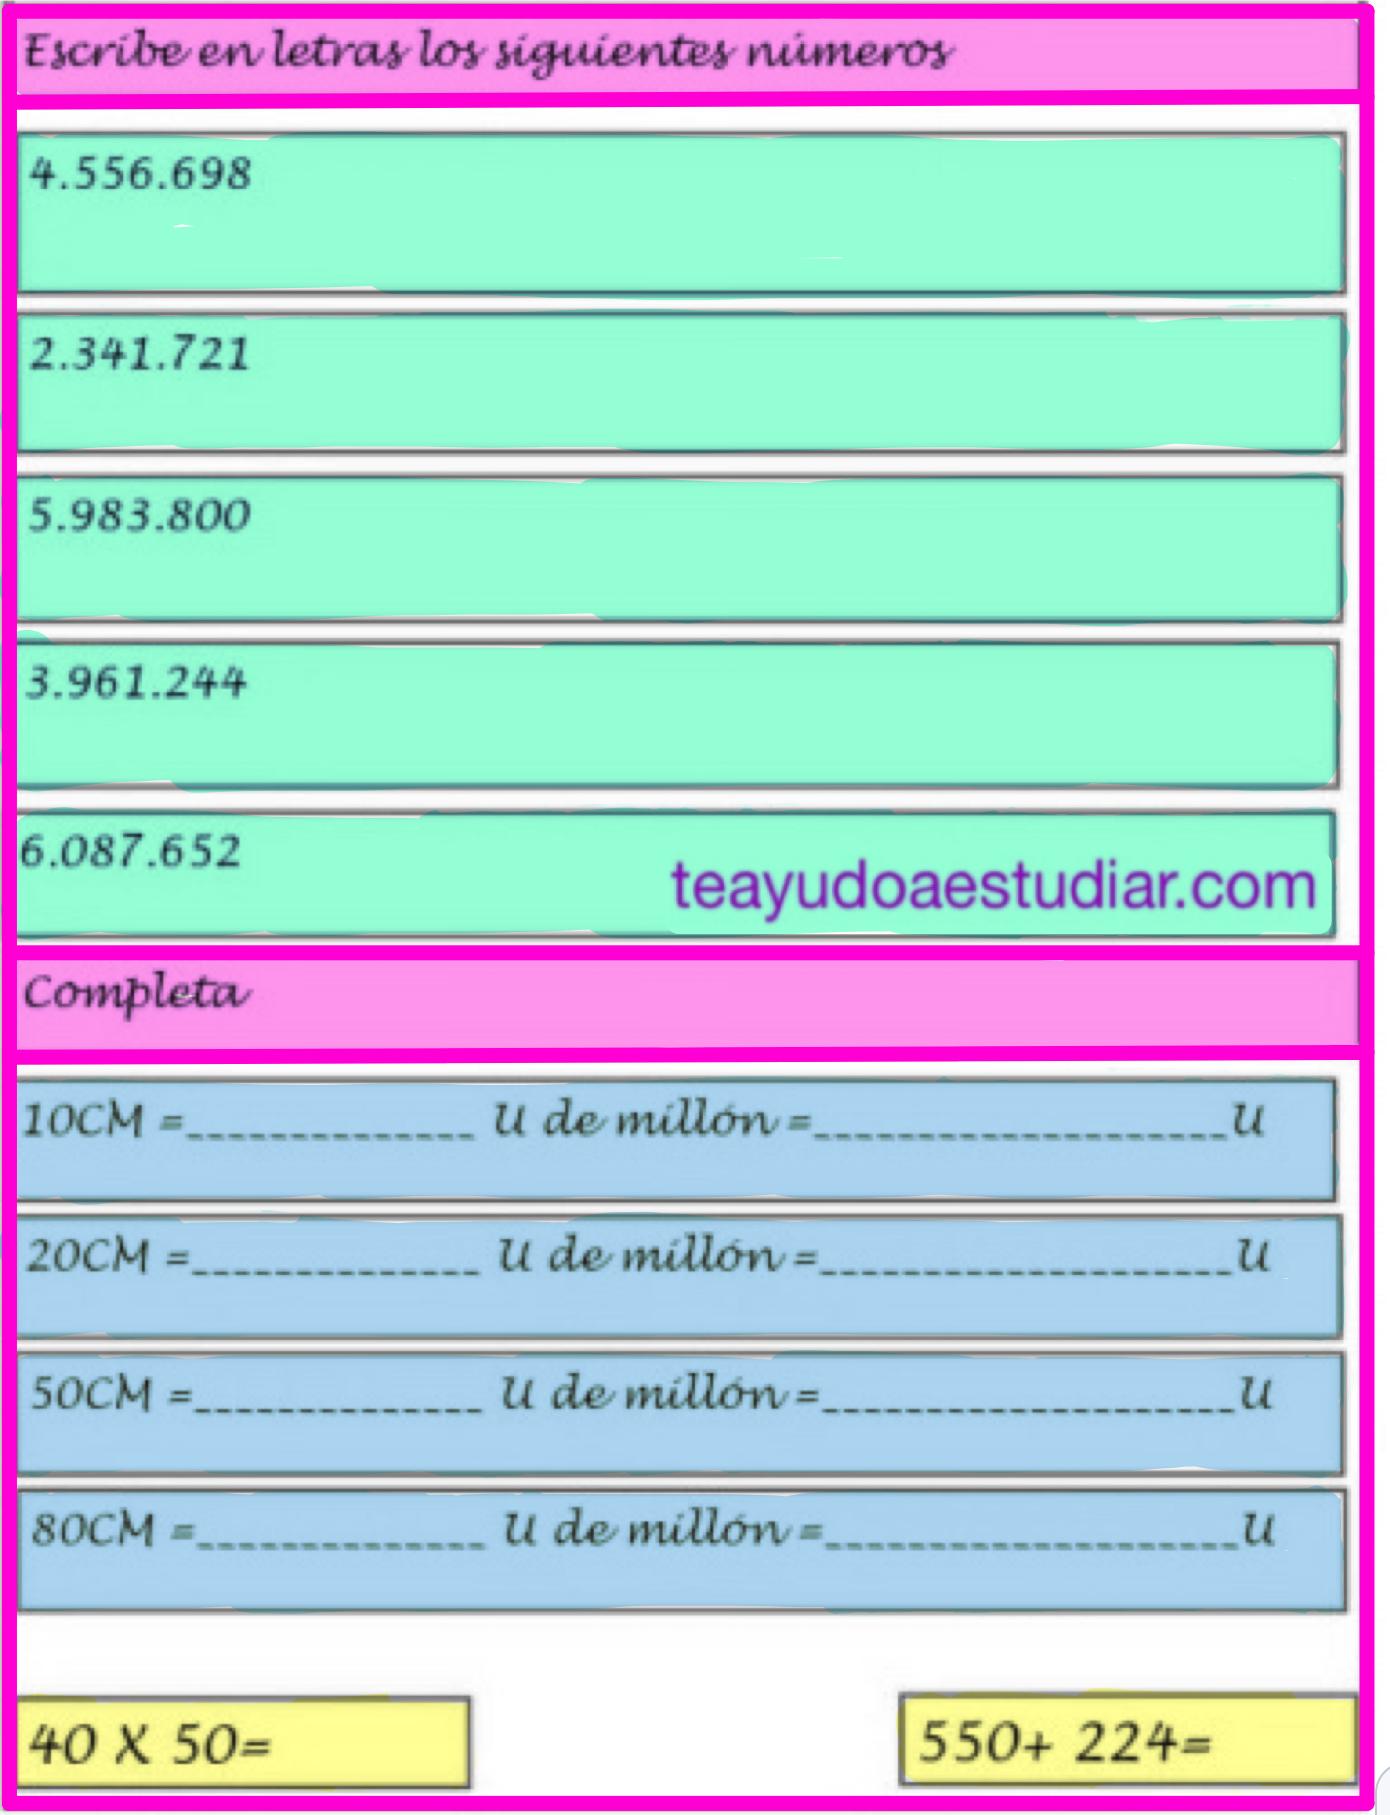 9ACF8B97-3D78-41F6-A267-74C8D7833091